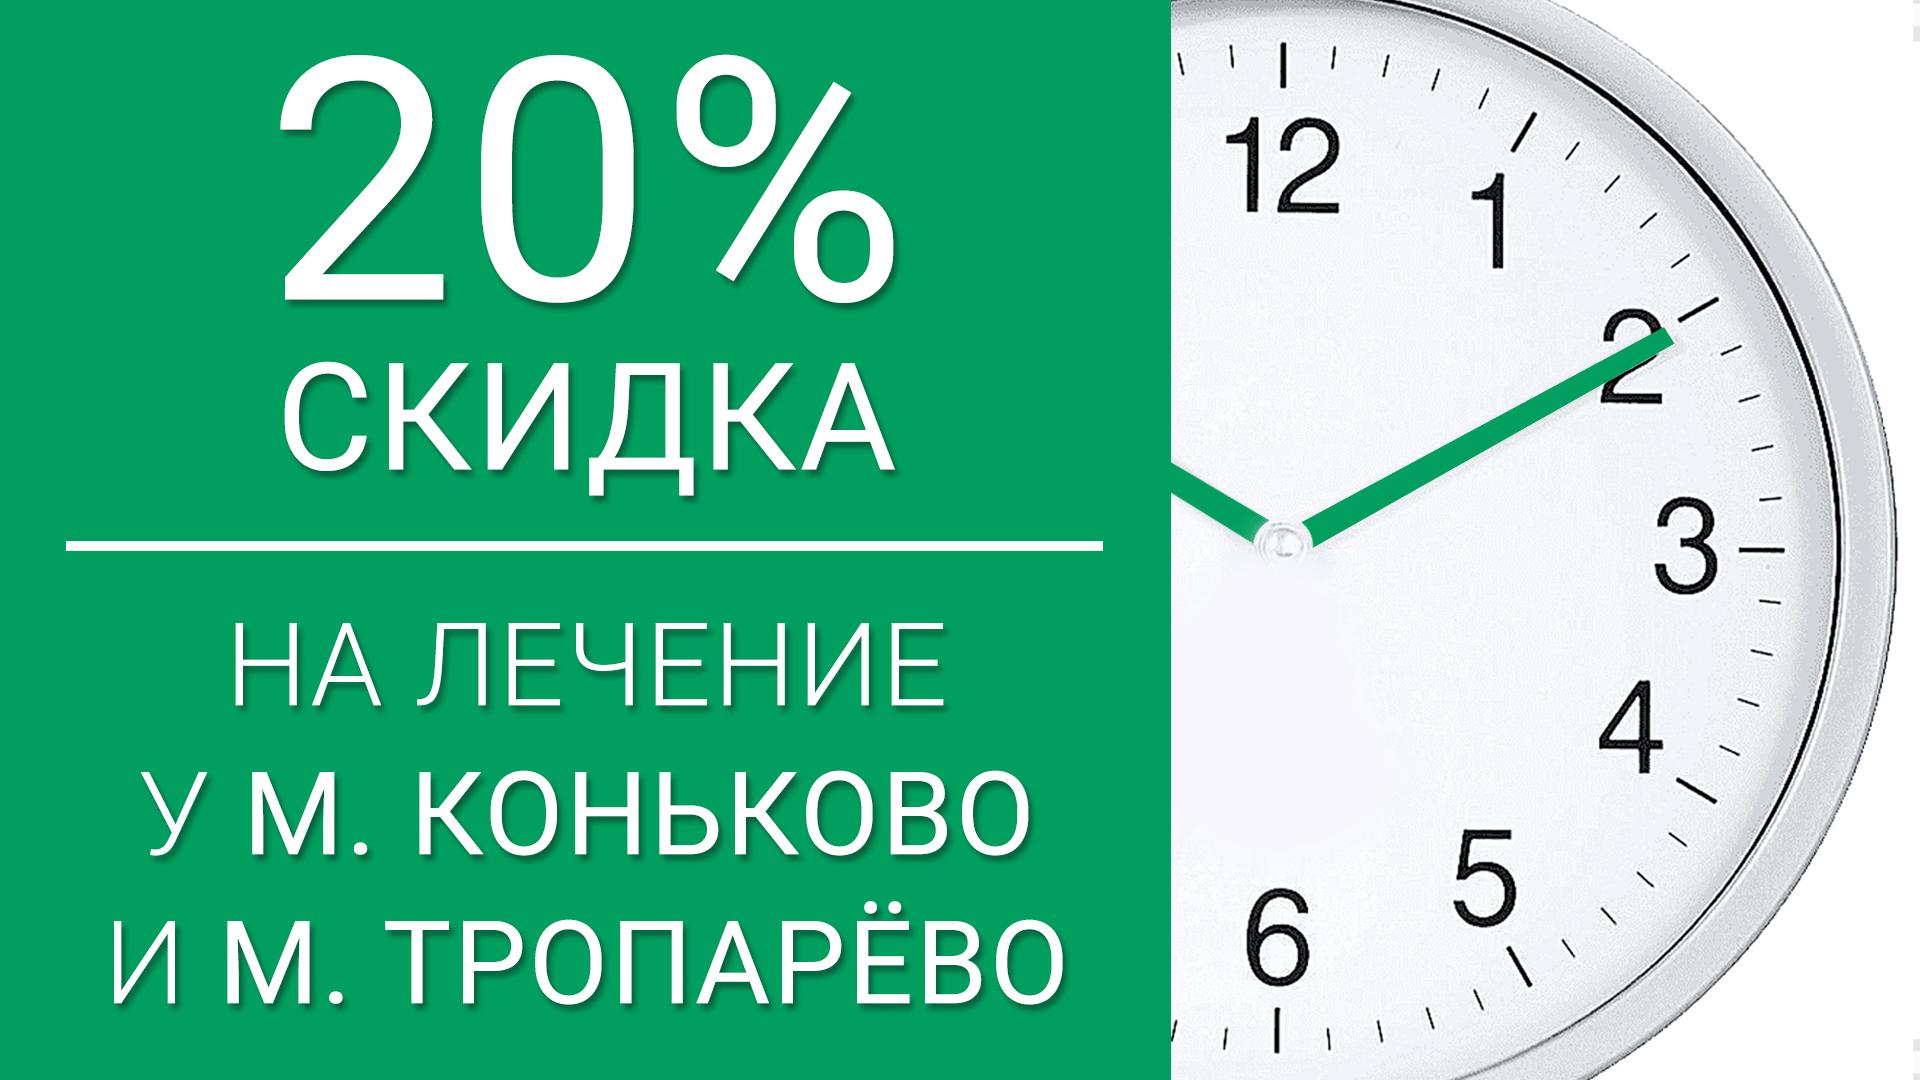 Акция в Коньково и Тропарево: -20% на лечение в счастливые часы 13:00-15:00 (пн-пт)